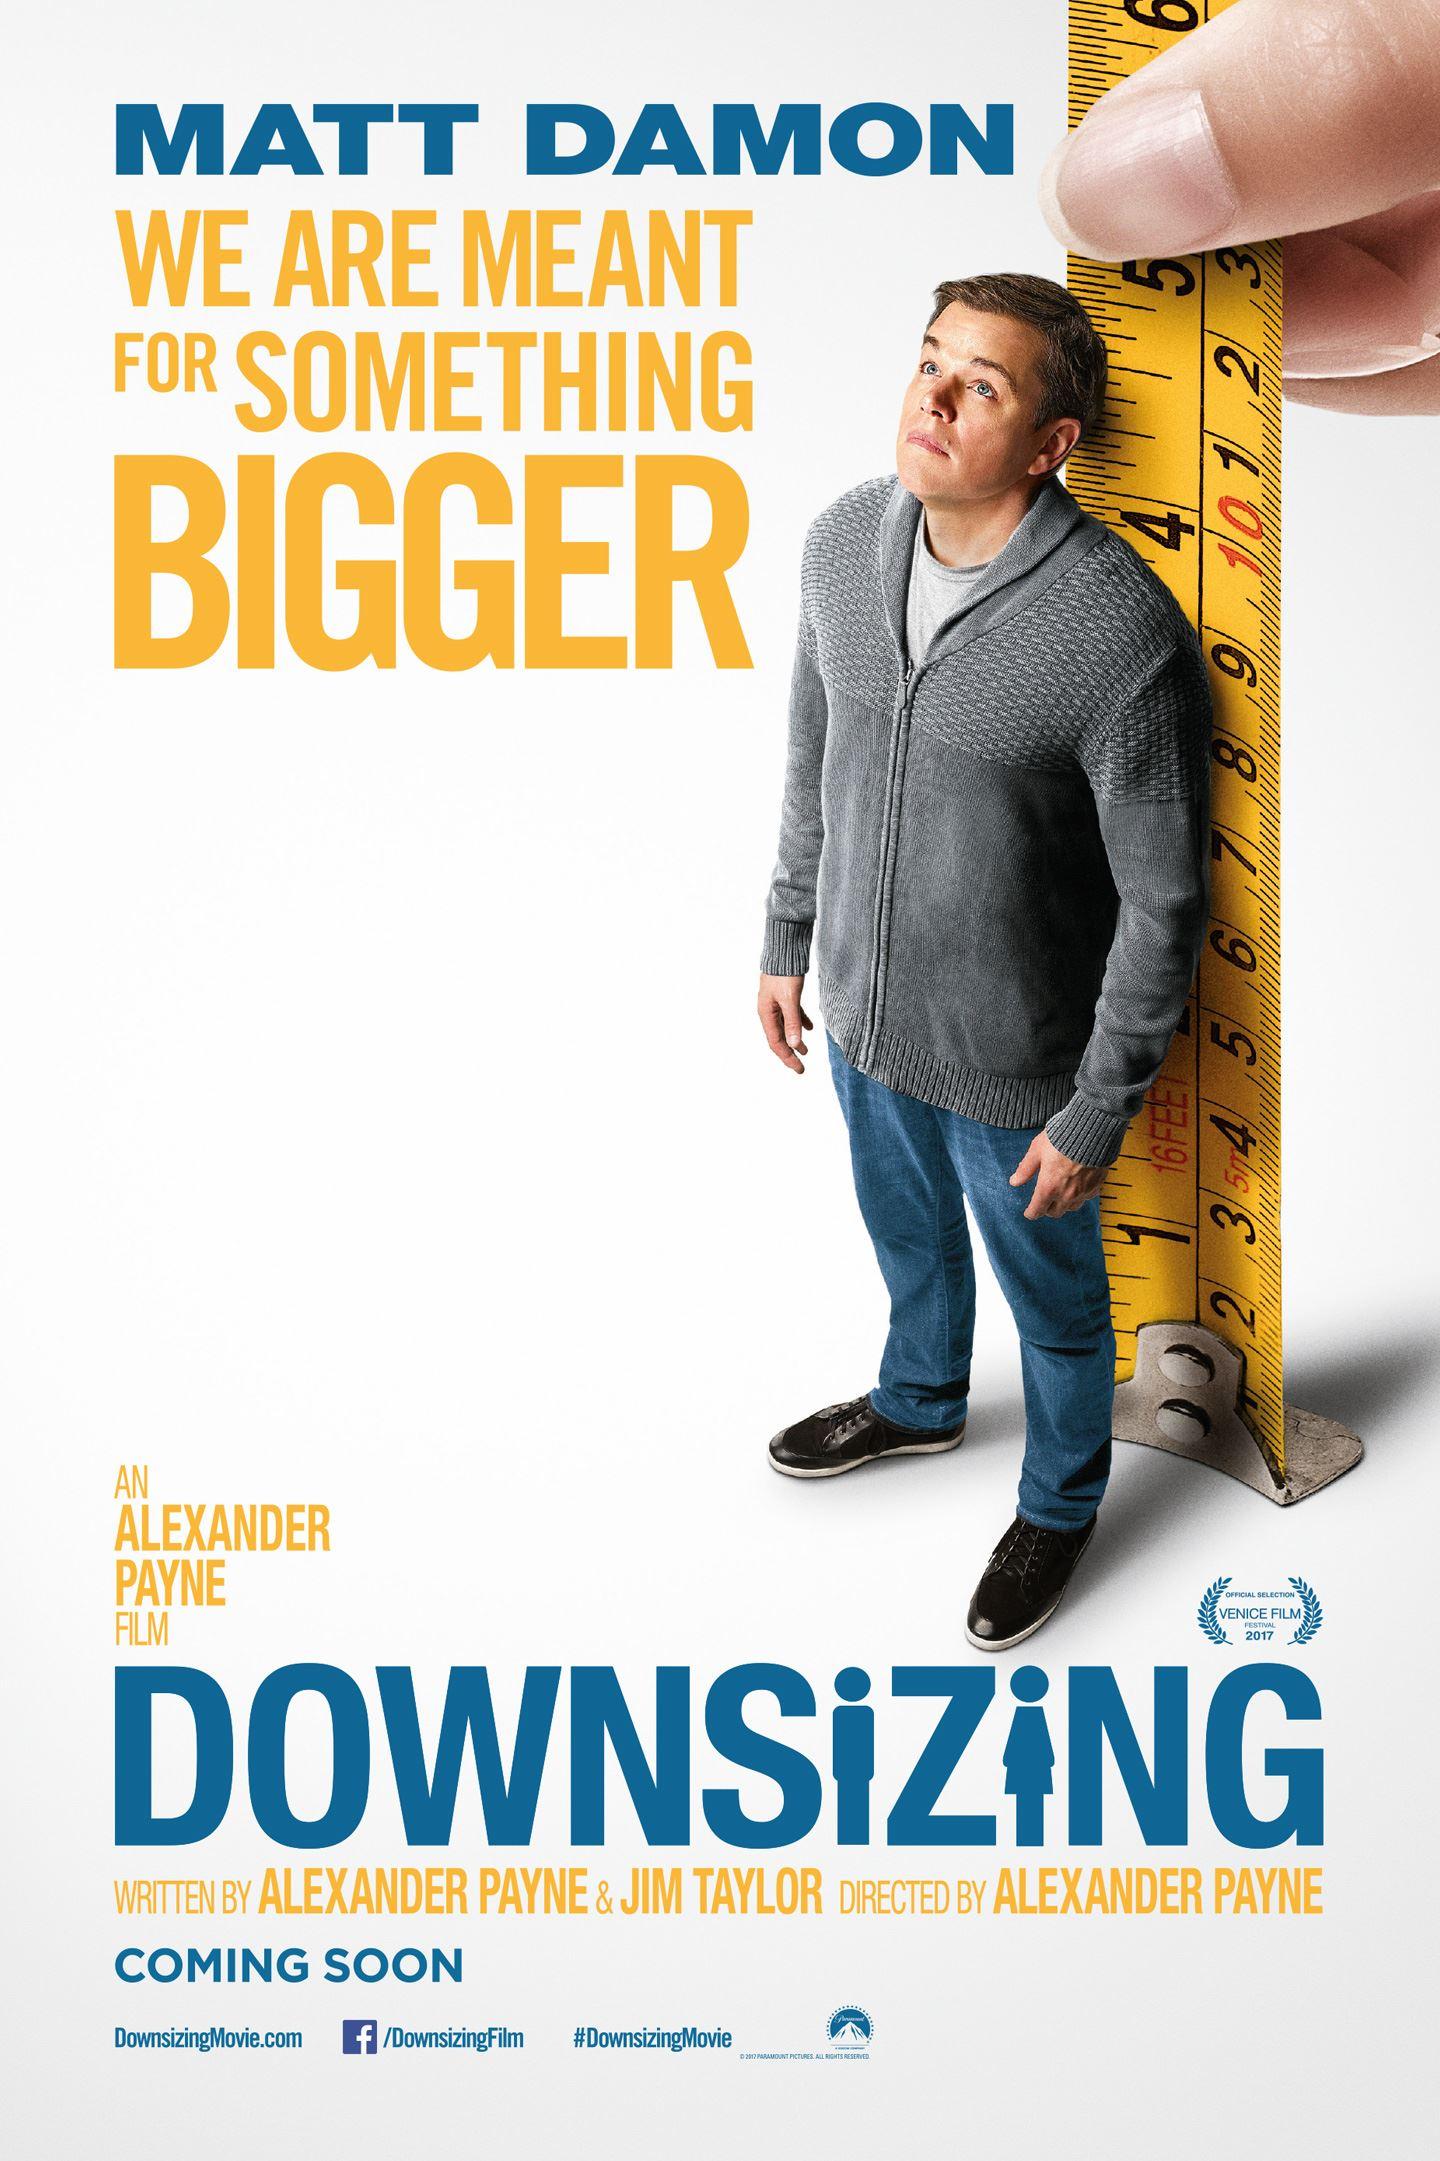 Bio: Downsizing